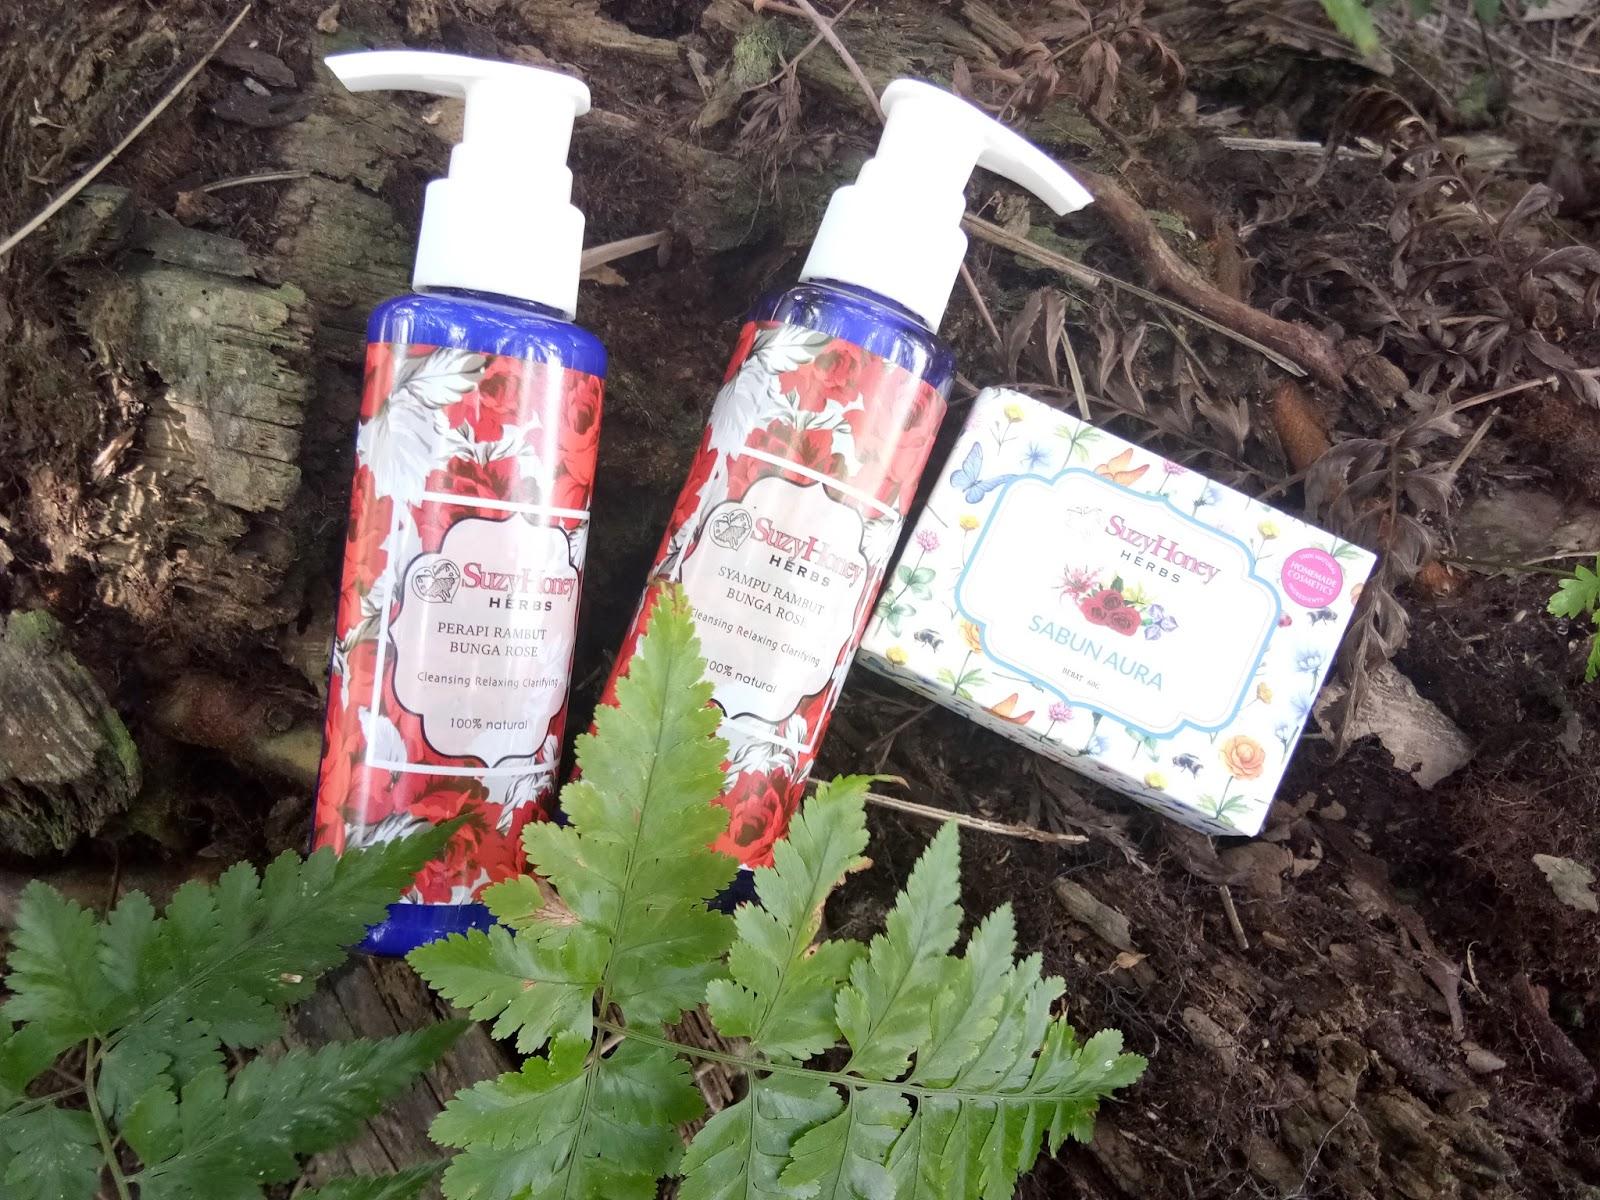 Produk Suzyhoney Herbs Homemade Menggunakan 100 Bahan Semula Jadi Sabun Rose Herbal Bagi Anda Yang Ingin Menjadi Agen Dropship Dan Mengetahui Lebih Lanjut Mengenai Bolehlah Ke Laman Sesawang Berikut